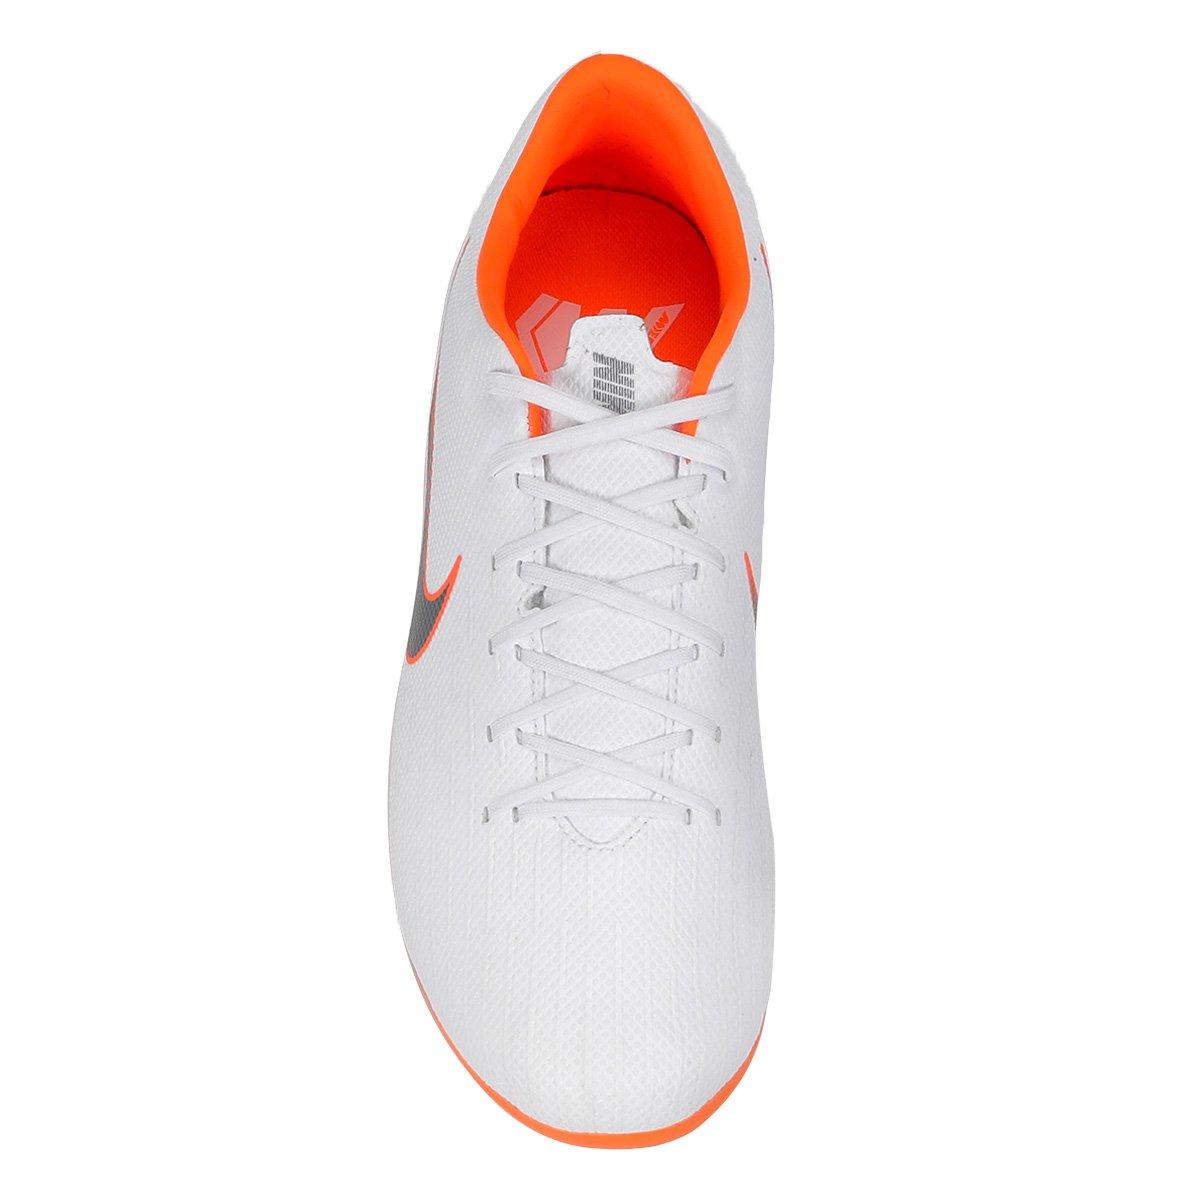 Campo 12 Academy Cinza Vapor Masculina Branco Nike Mercurial e Chuteira fqCwHU11